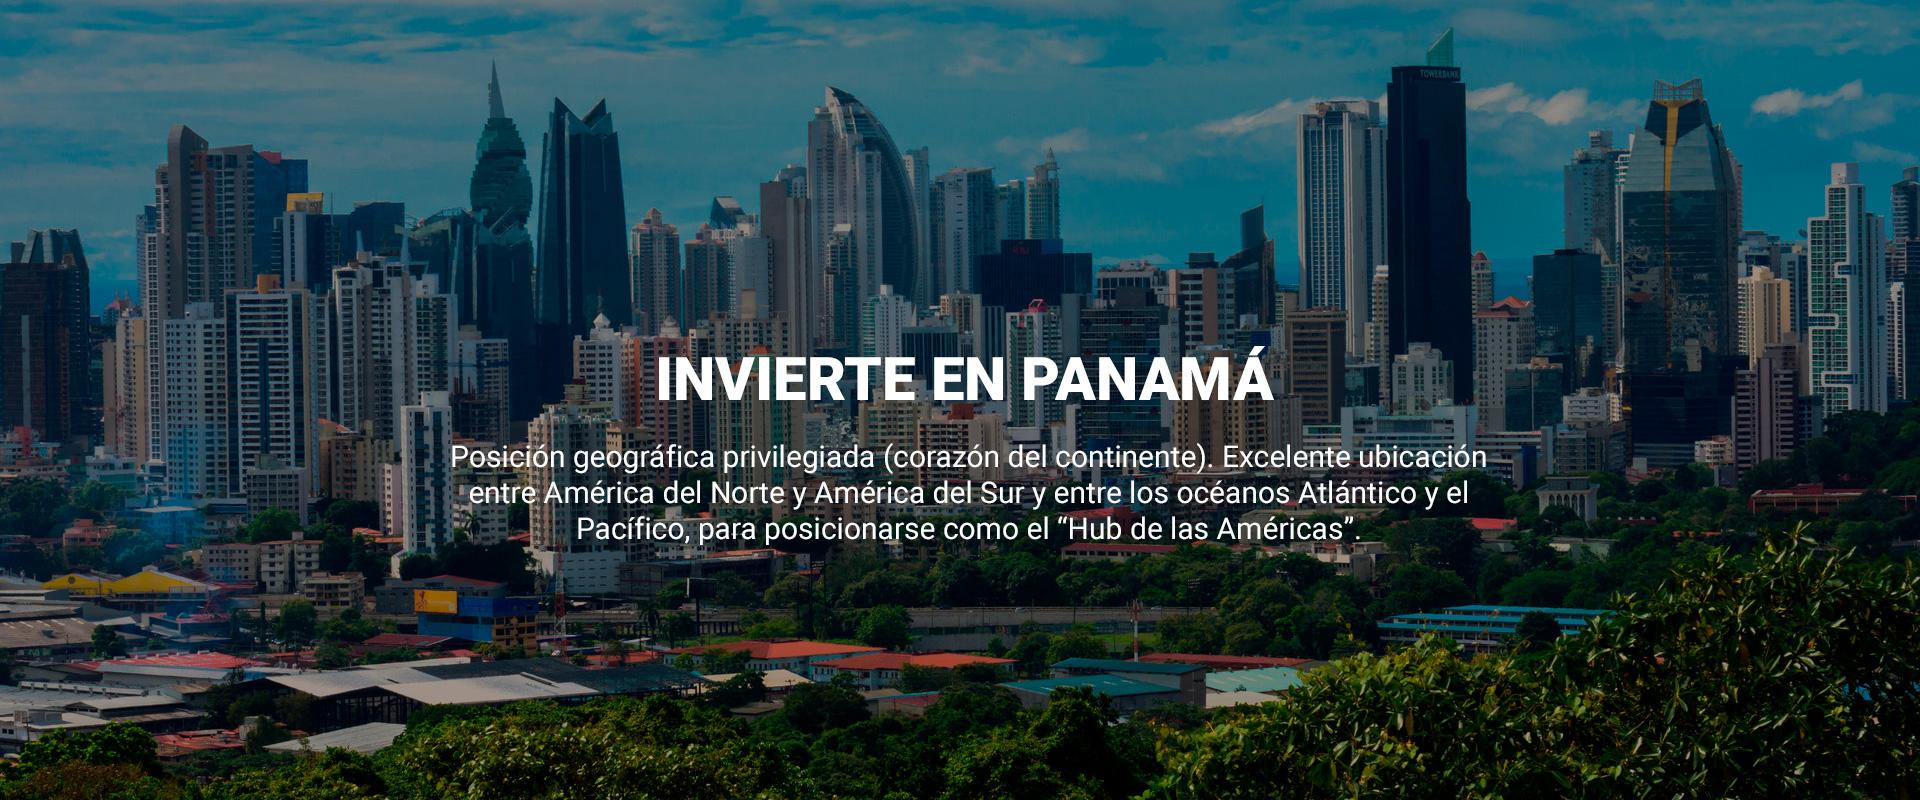 Invierte en Panamá